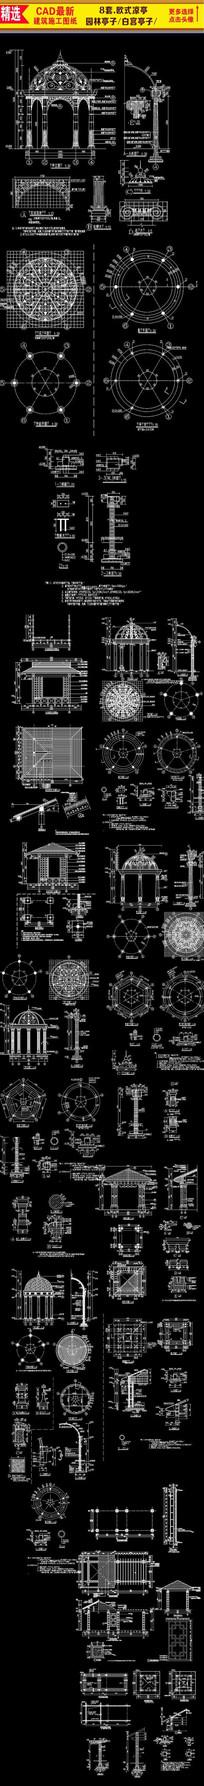 园林亭子建筑设计多套施工图集